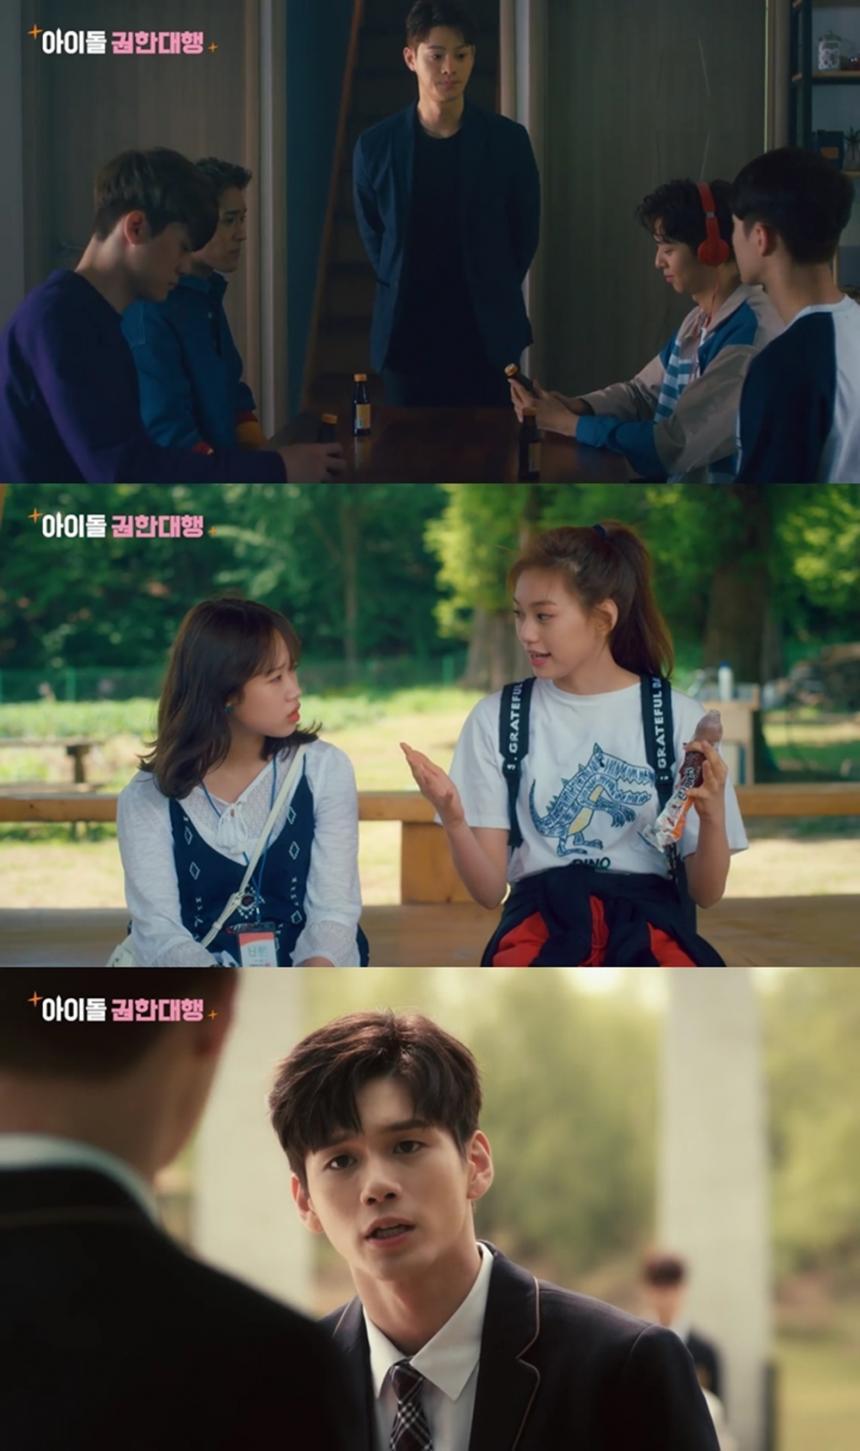 '아이돌 권한대행' 방송 캡처